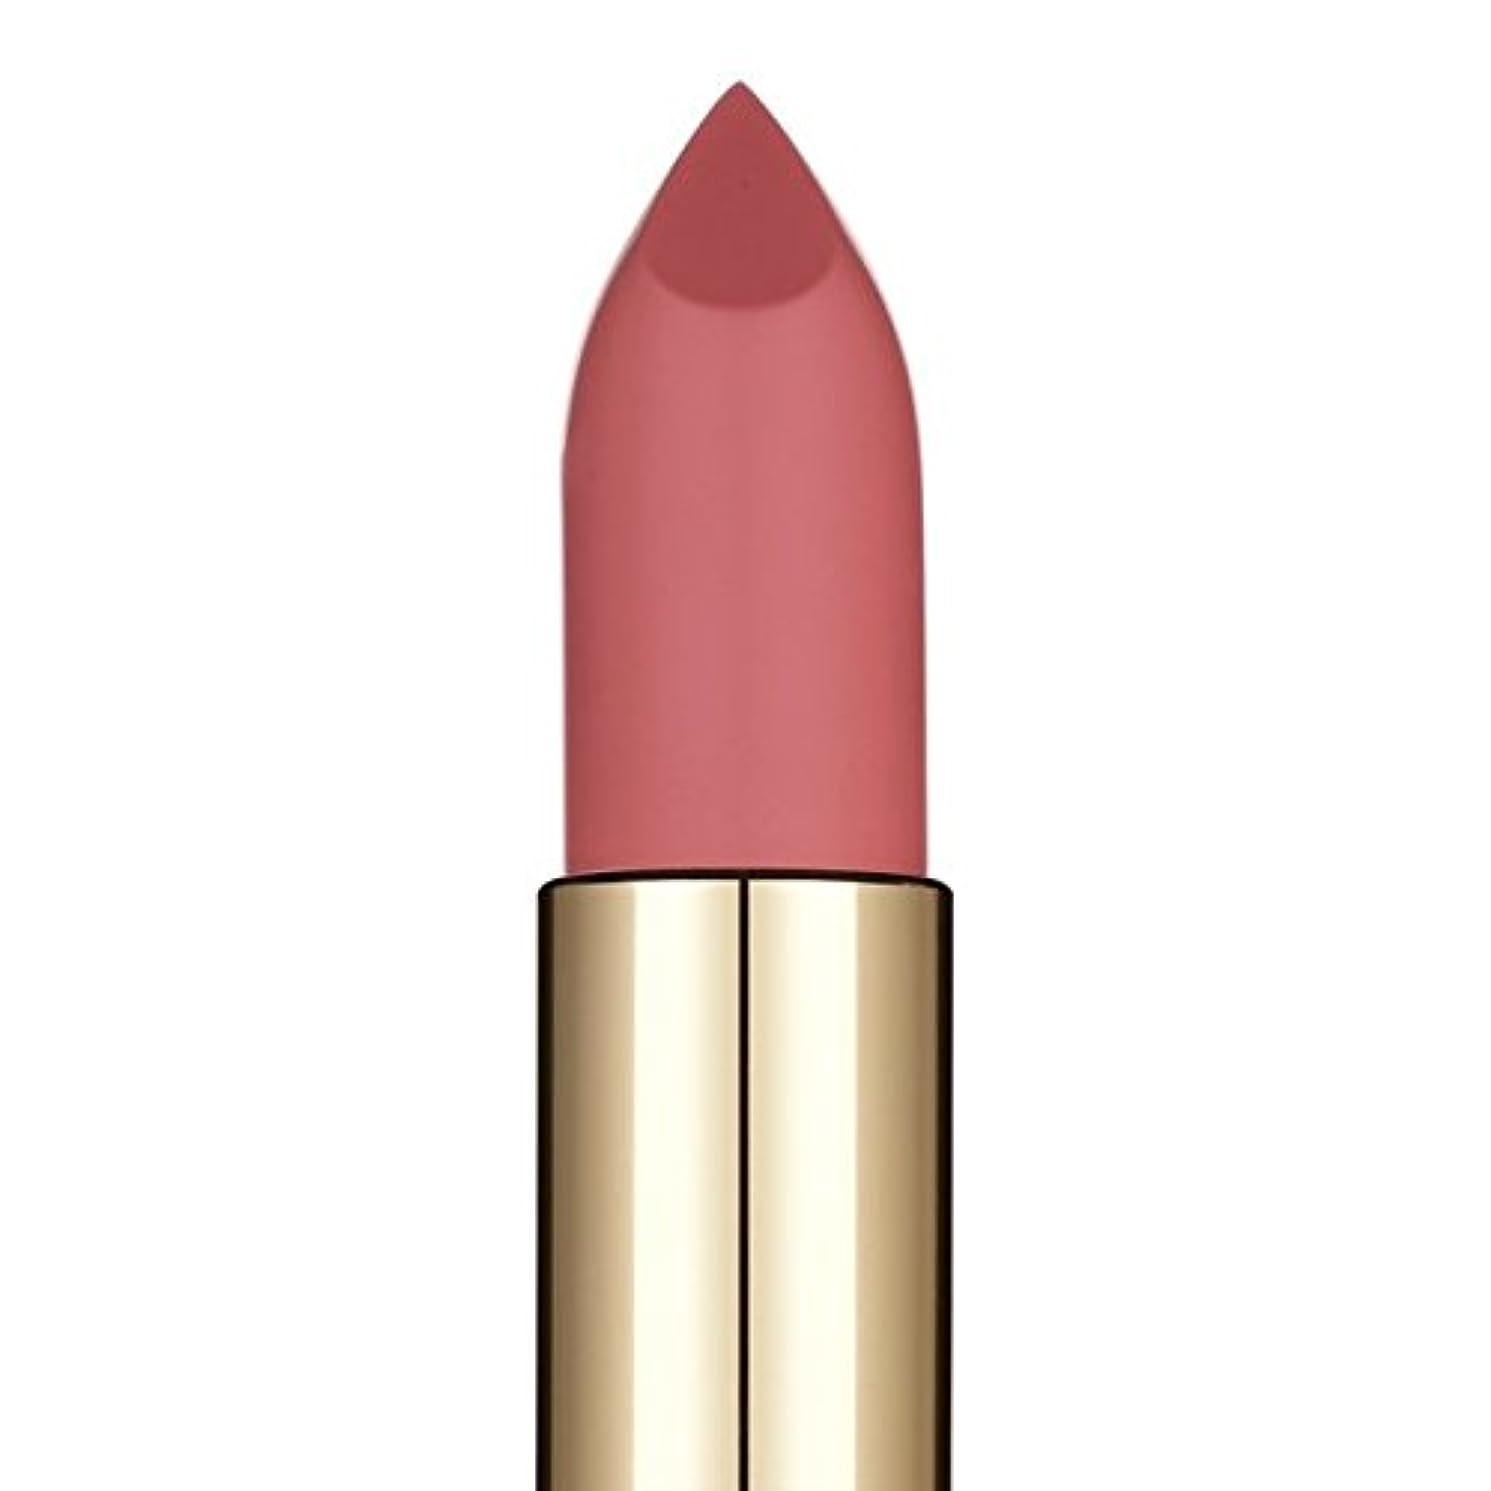 オーガニックボルト教科書L'Oreal Paris Color Riche Lipstick Matte, Erotique 640 - ロレアルパリ色リッシュ口紅マット、 640 [並行輸入品]